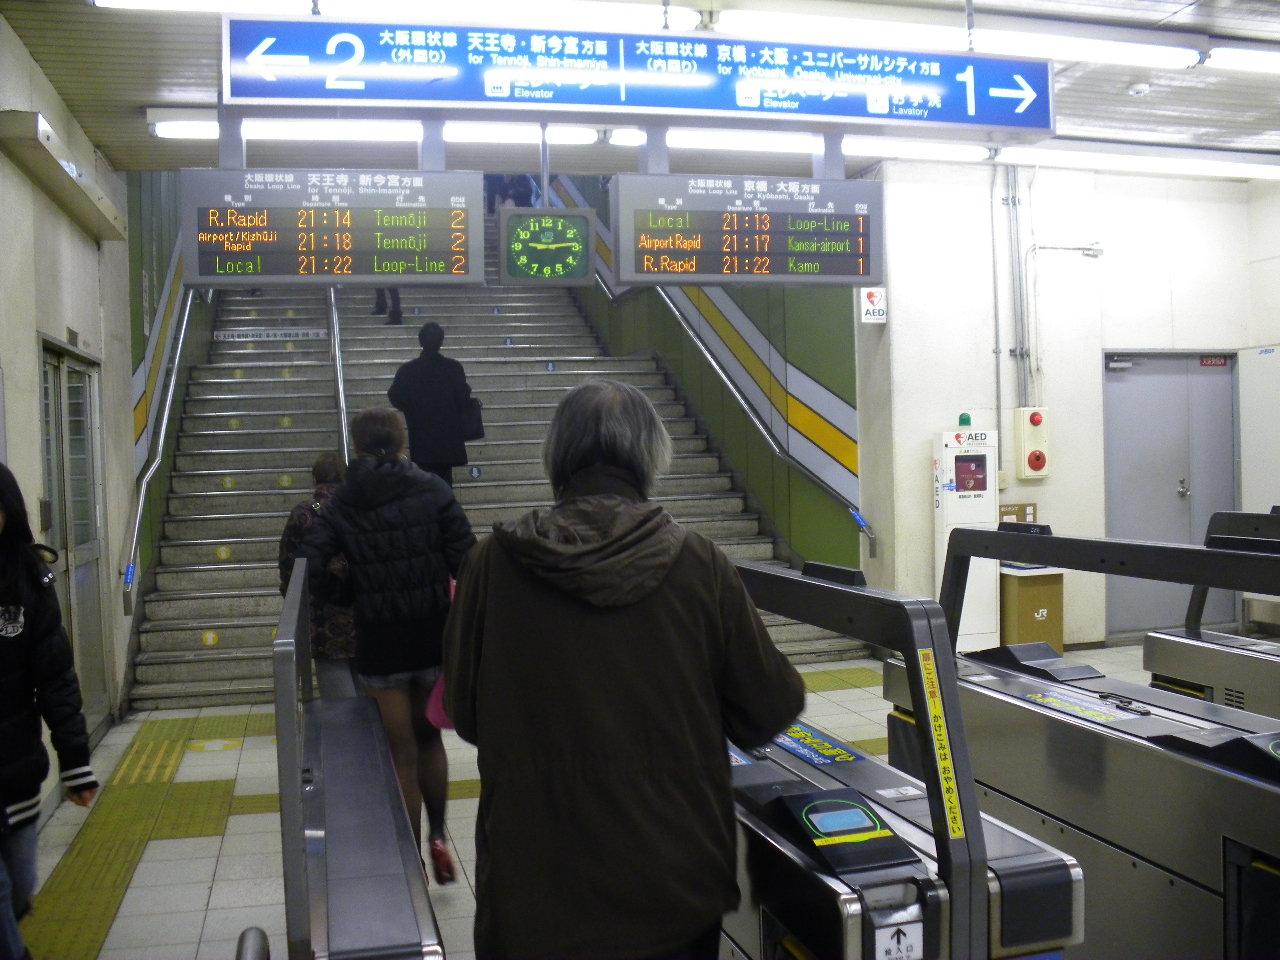 21:15 鶴橋駅乗車!